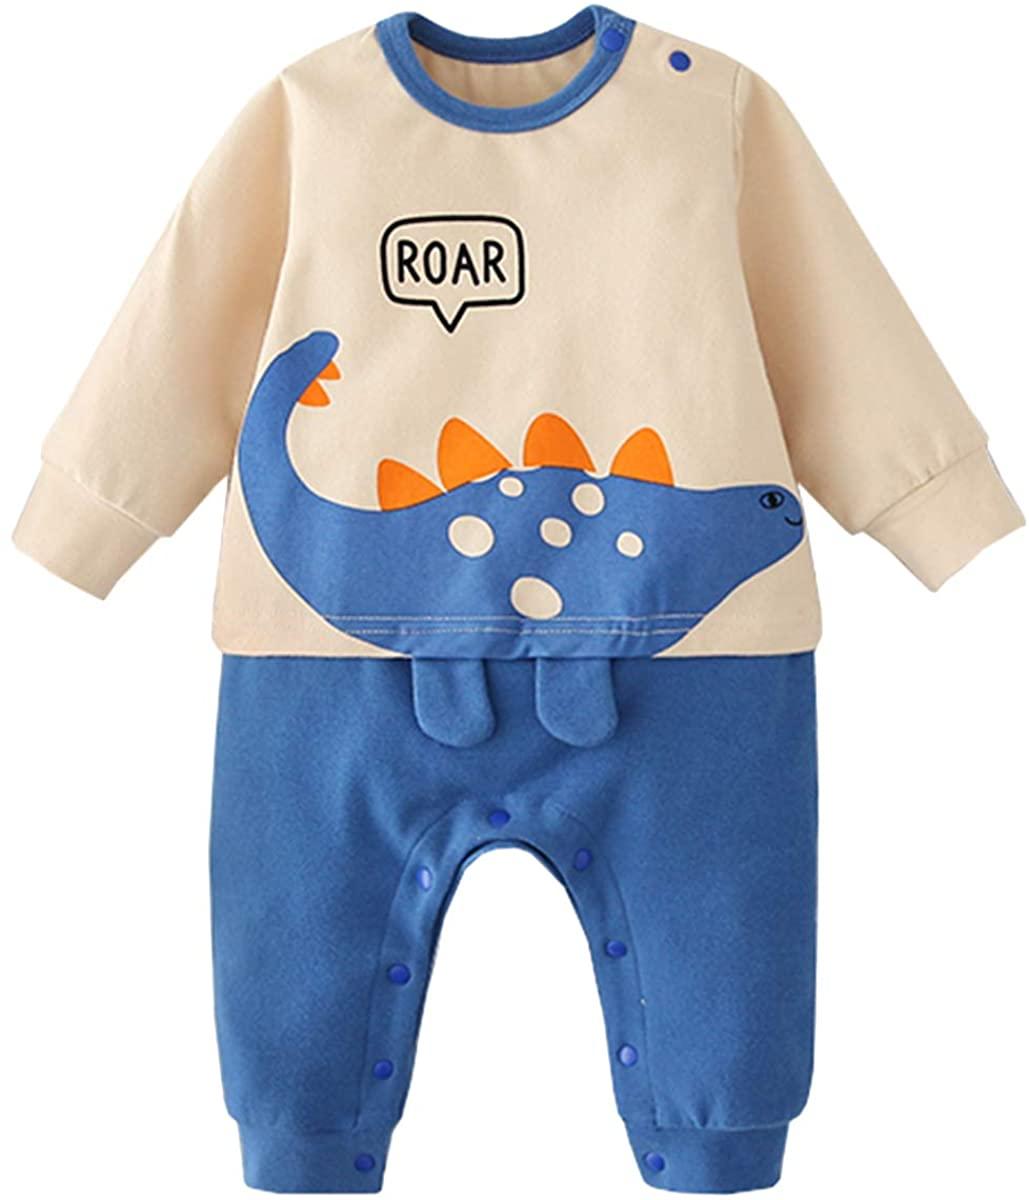 famuka Baby Boy Dinosaur Bodysuit Long Sleeve One Piece Baby Clothing